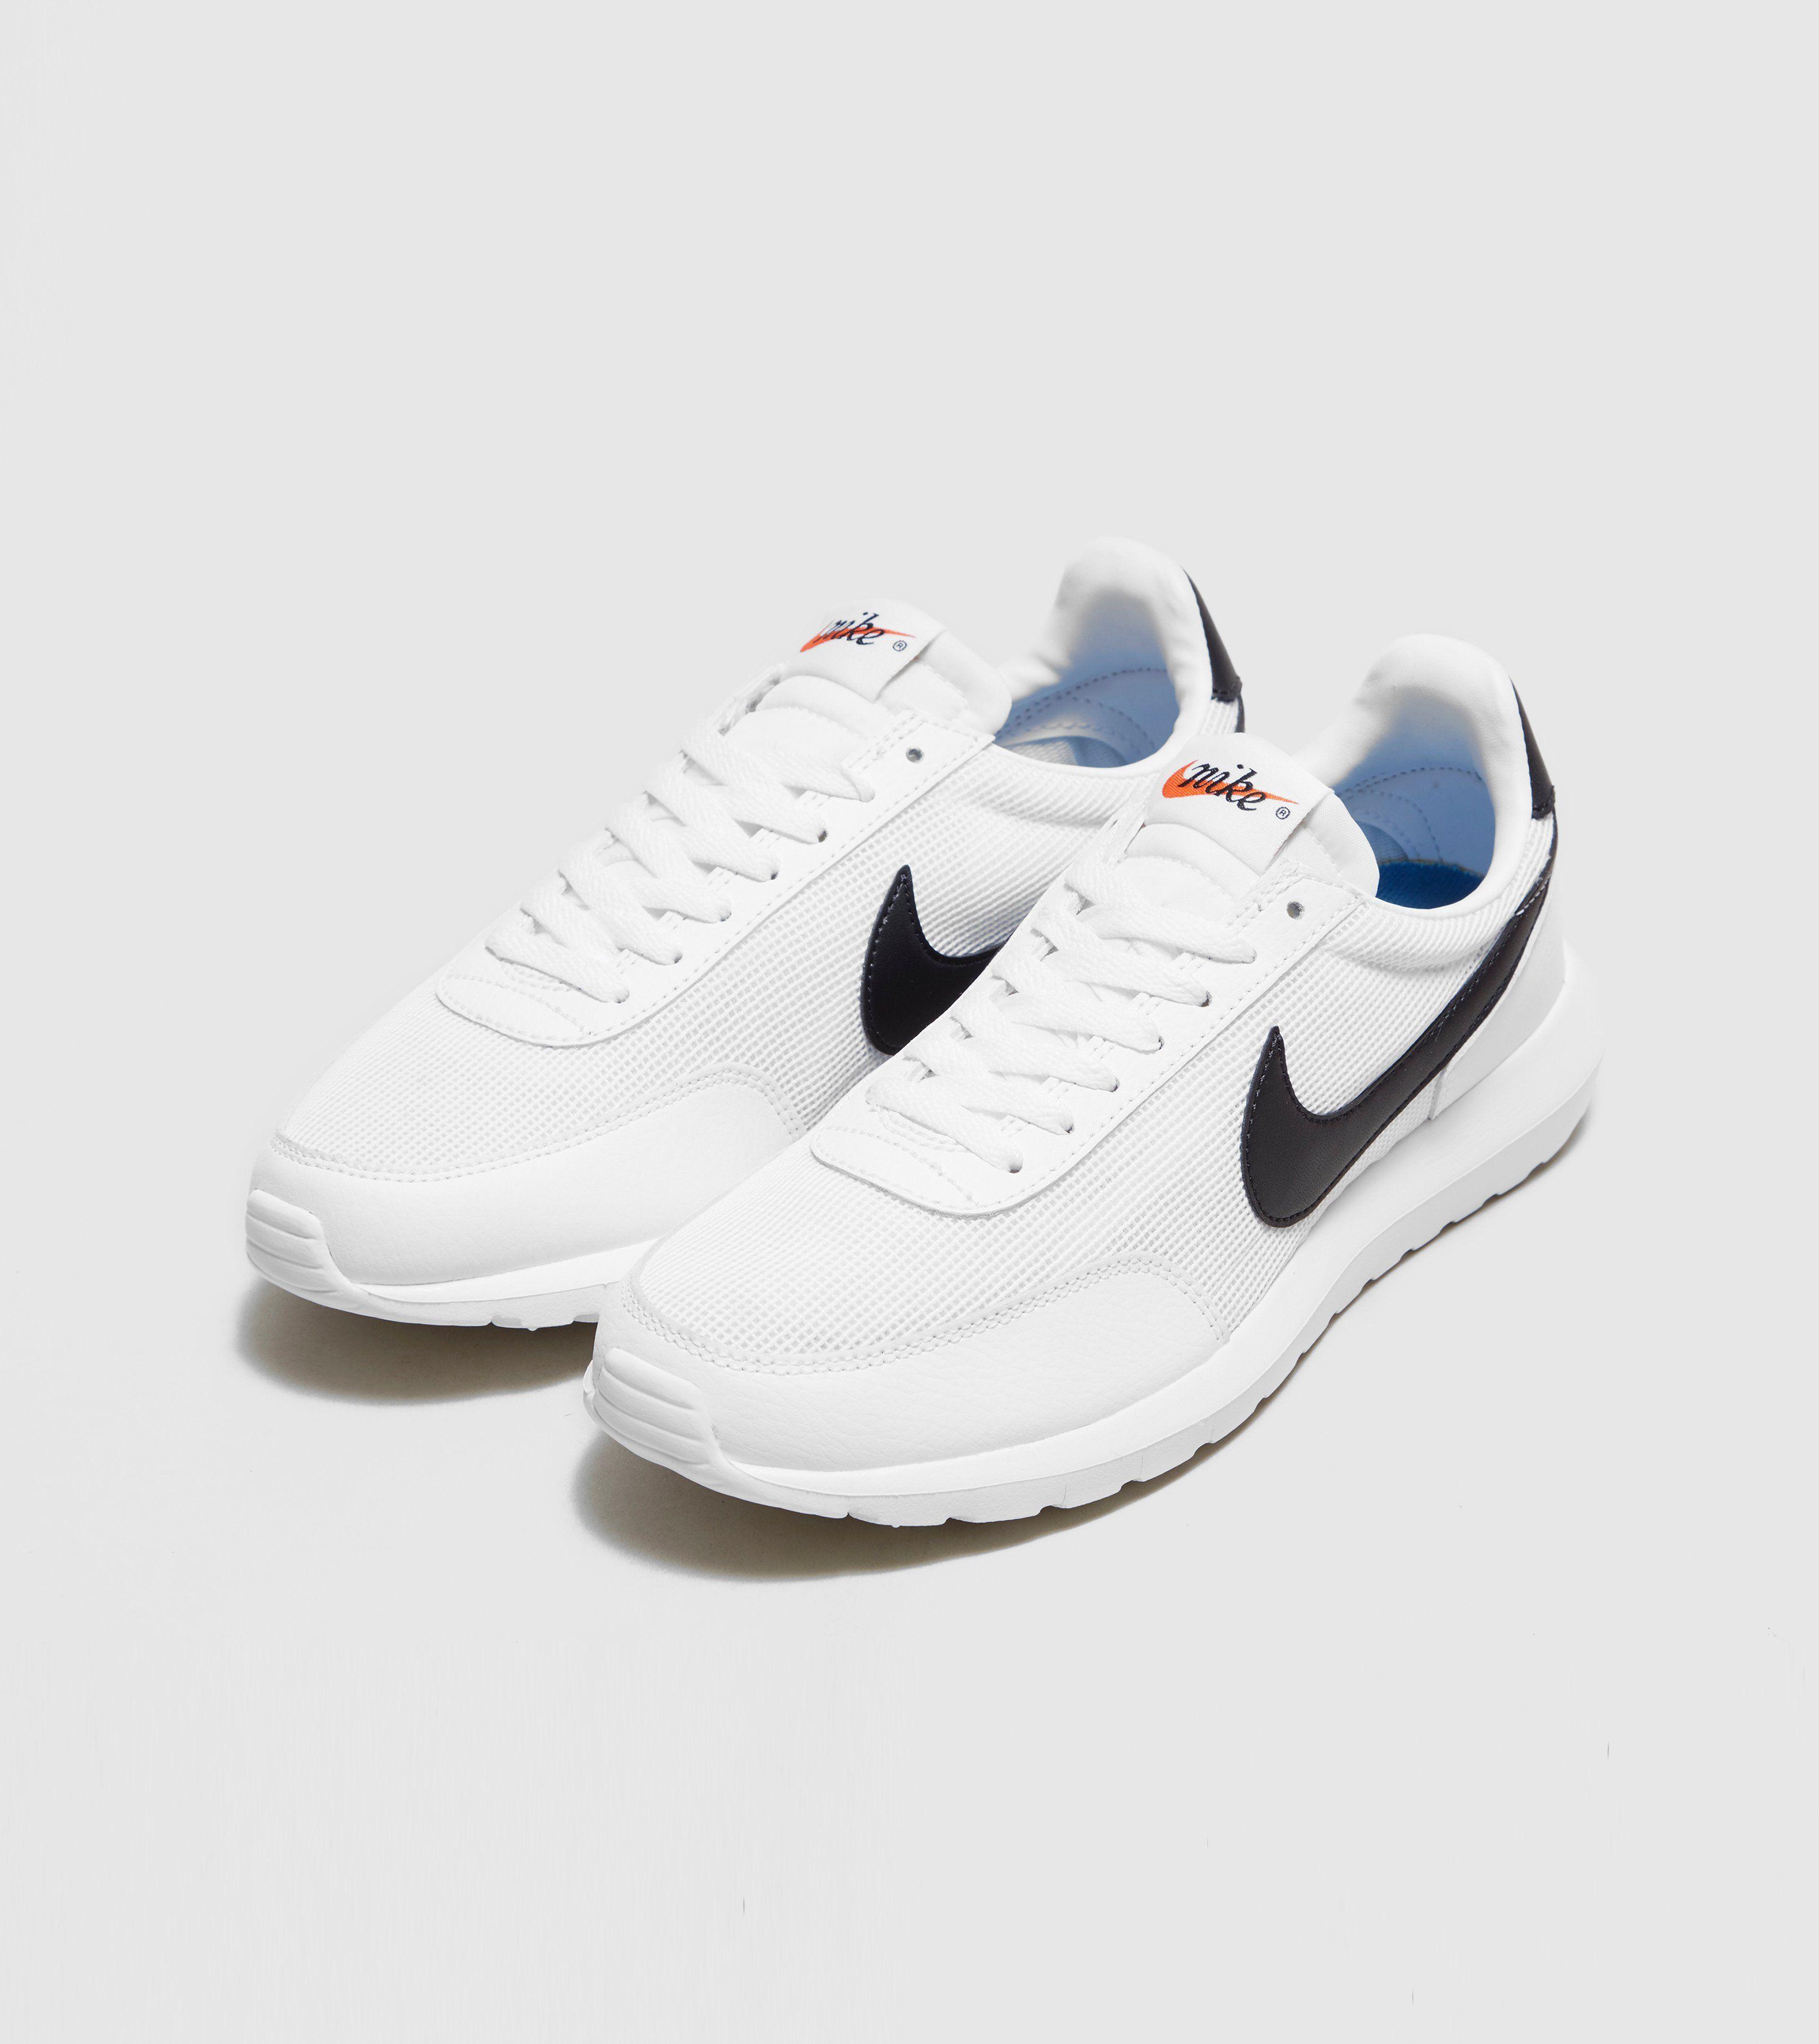 ubbty Nike Roshe Daybreak | Size?